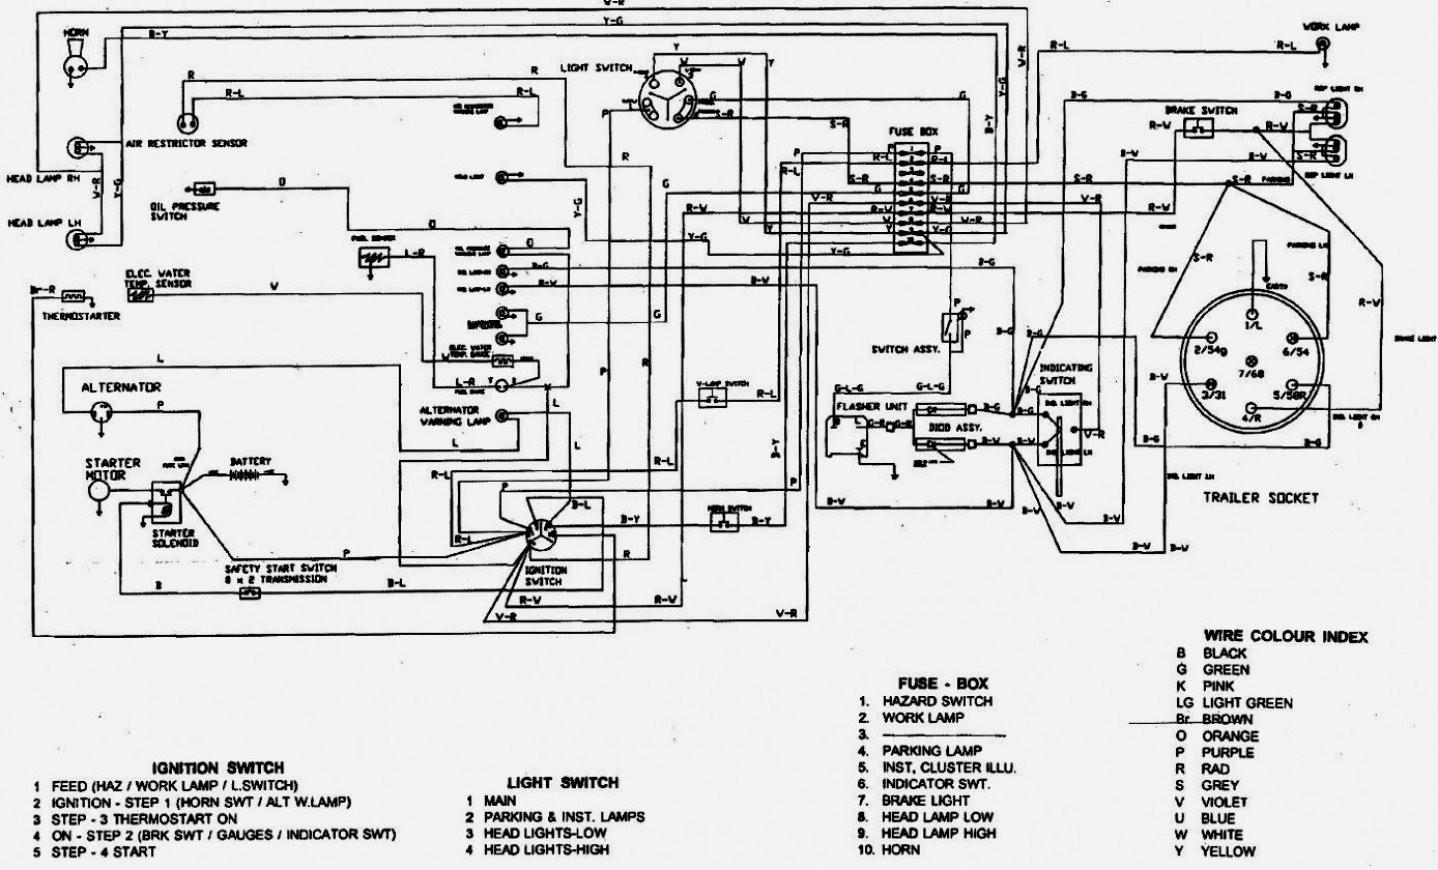 Powermaster Alternator Wiring Diagram Awesome